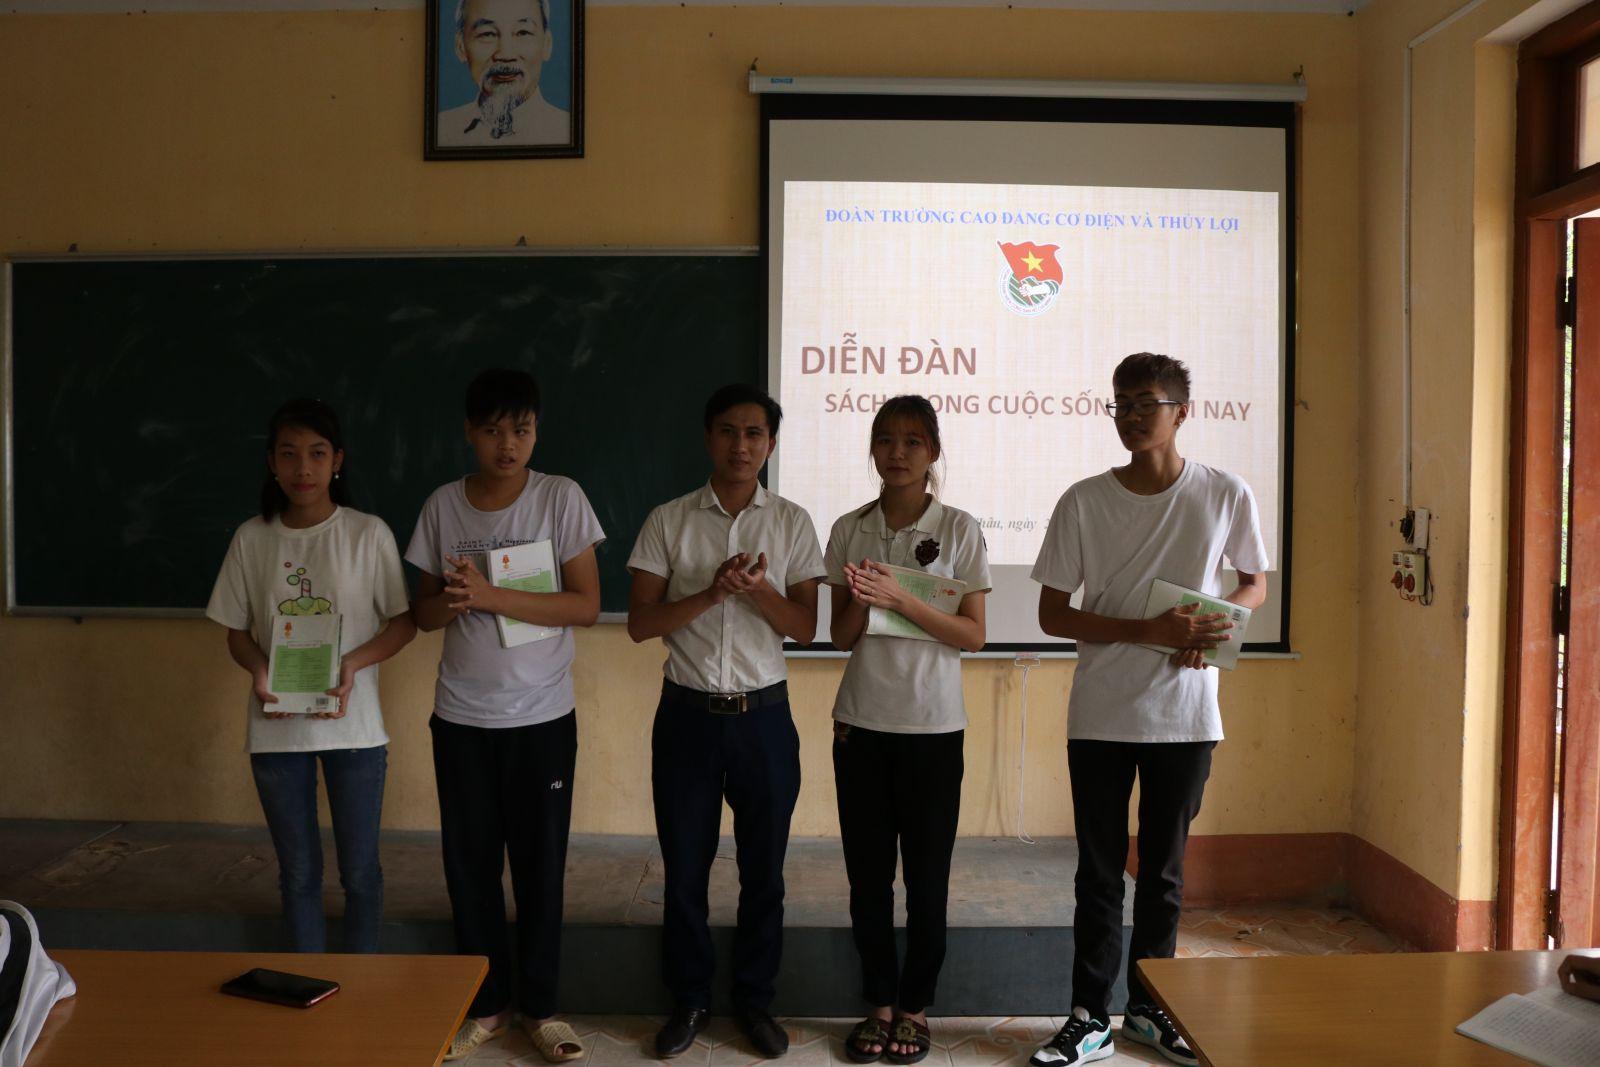 Đoàn trường Cao đẳng cơ điện Thủy lợi Hưng Yên tích cực tổ chức các hoạt động nâng cao đời sống tinh thần cho đoàn viên